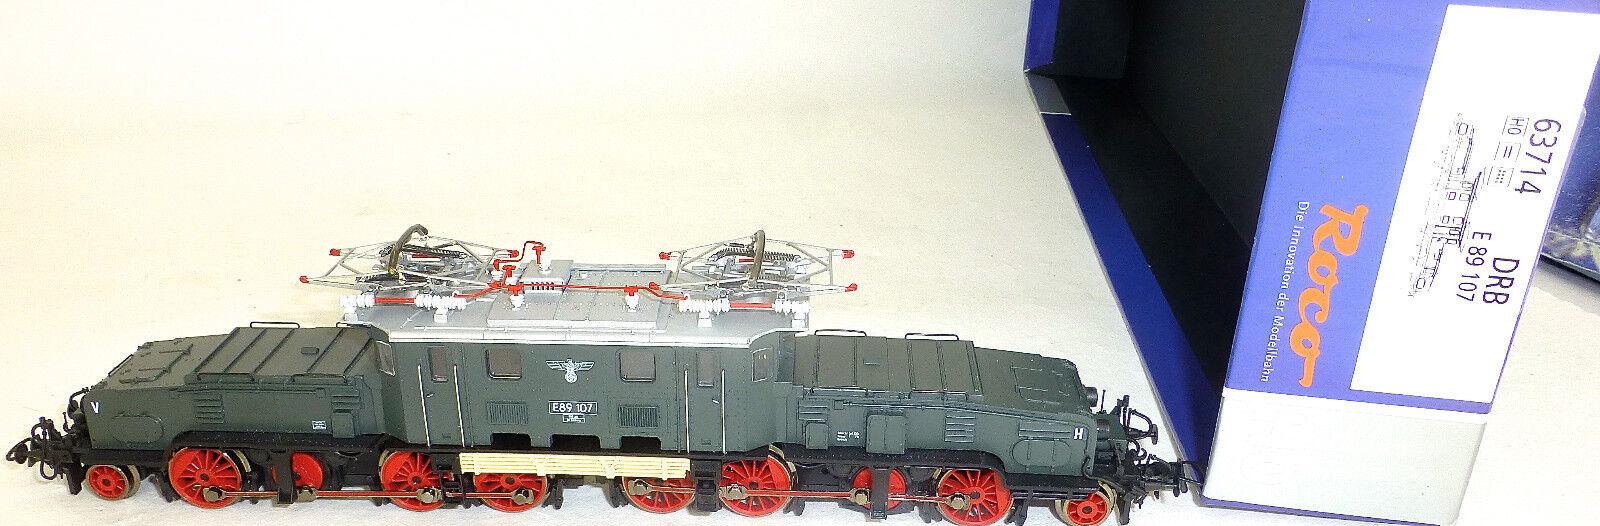 89 Drb Crocodile E Locomotive Nem Kkk Dss Roco 63714 H0 1 87 Nip HC1 Μ